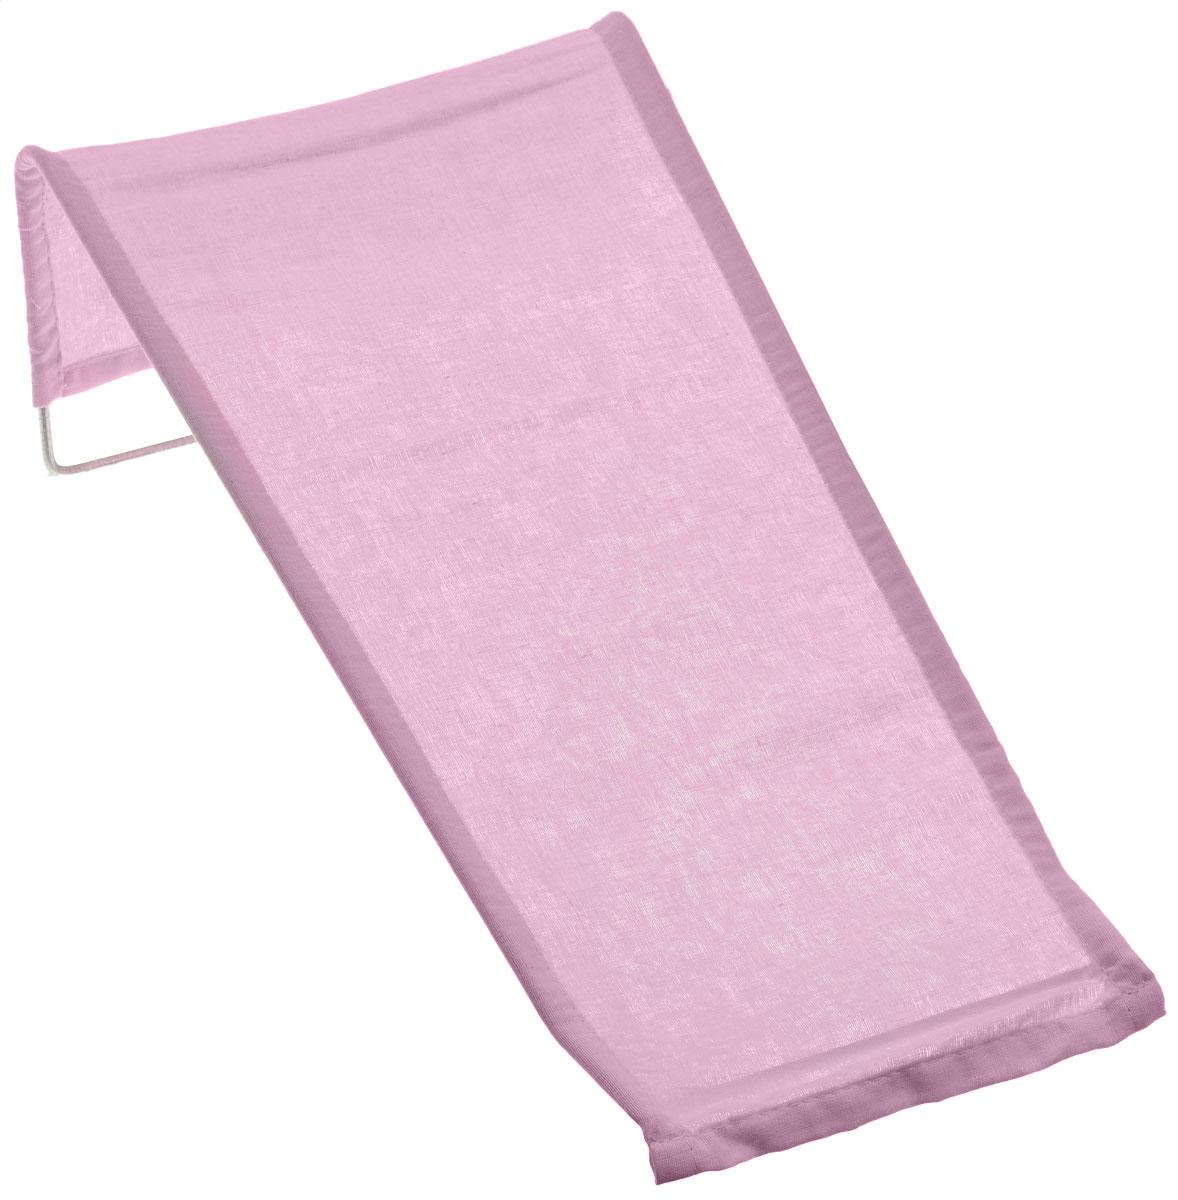 Фея Подставка для купания Бязь цвет розовый1332-01_розовыйПодставка для купания Фея Бязь - это удобный способ мытья и прекрасная возможность побаловать вашего малыша. Эргономичный дизайн подставки разработан специально для комфорта и безопасности вашего ребенка. Основу подставки составляет металлический каркас, обтянутый сверху тканью. Подарите своему малышу радость и комфорт во время купания! Подходит для купания детей до 1 года.